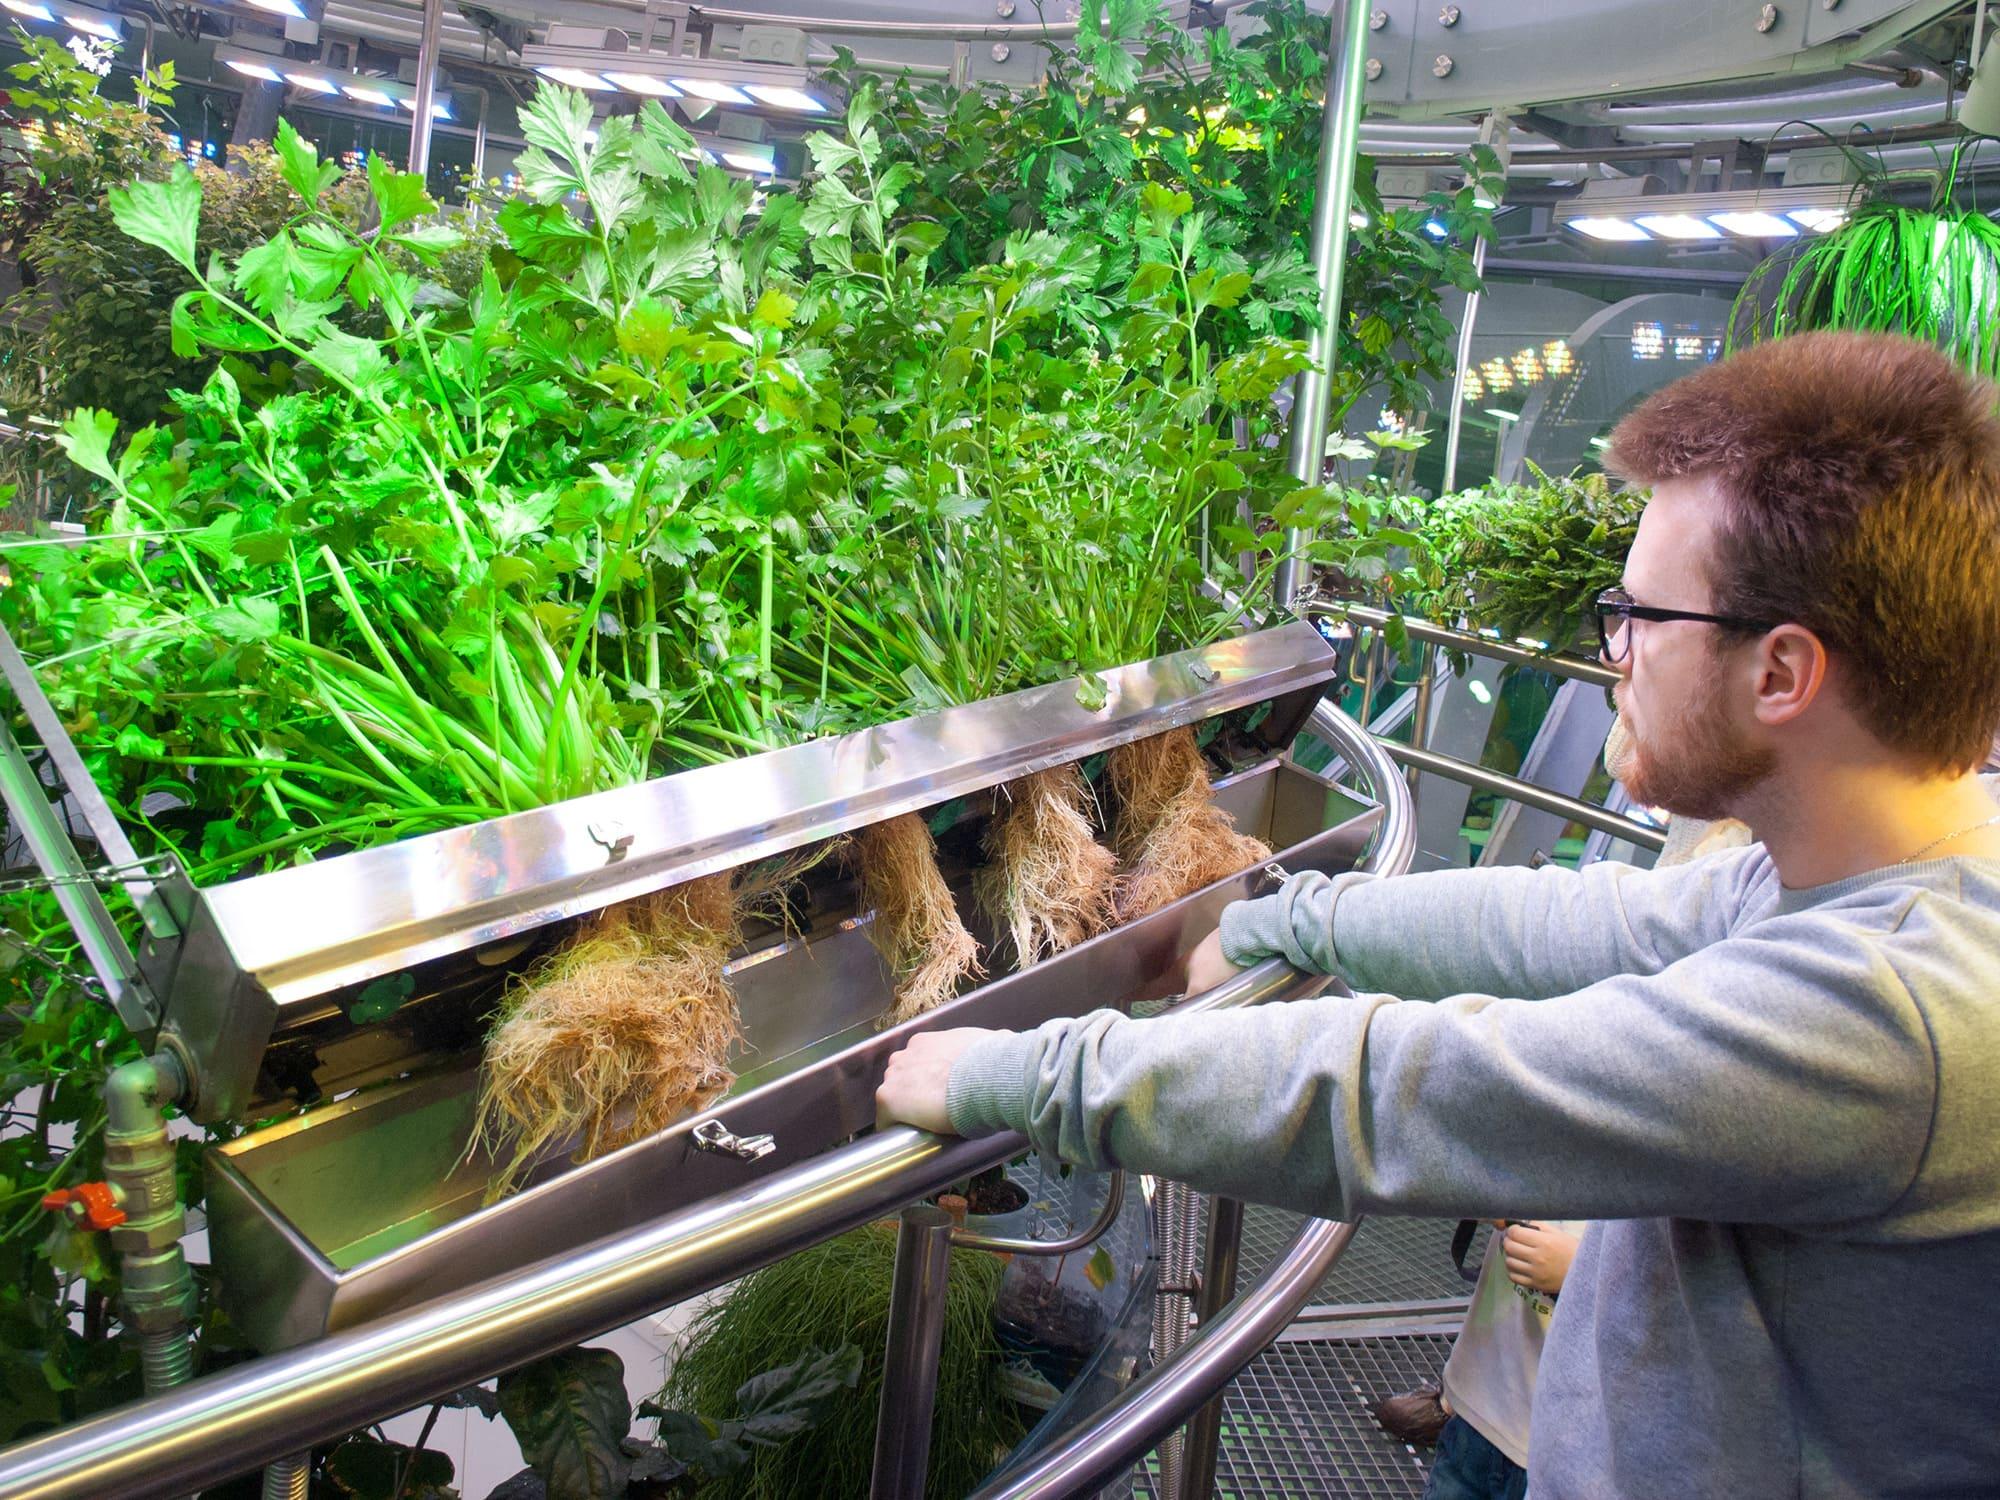 Экскурсовод демонстрирует корни сельдерея, выращенного в аэропонике